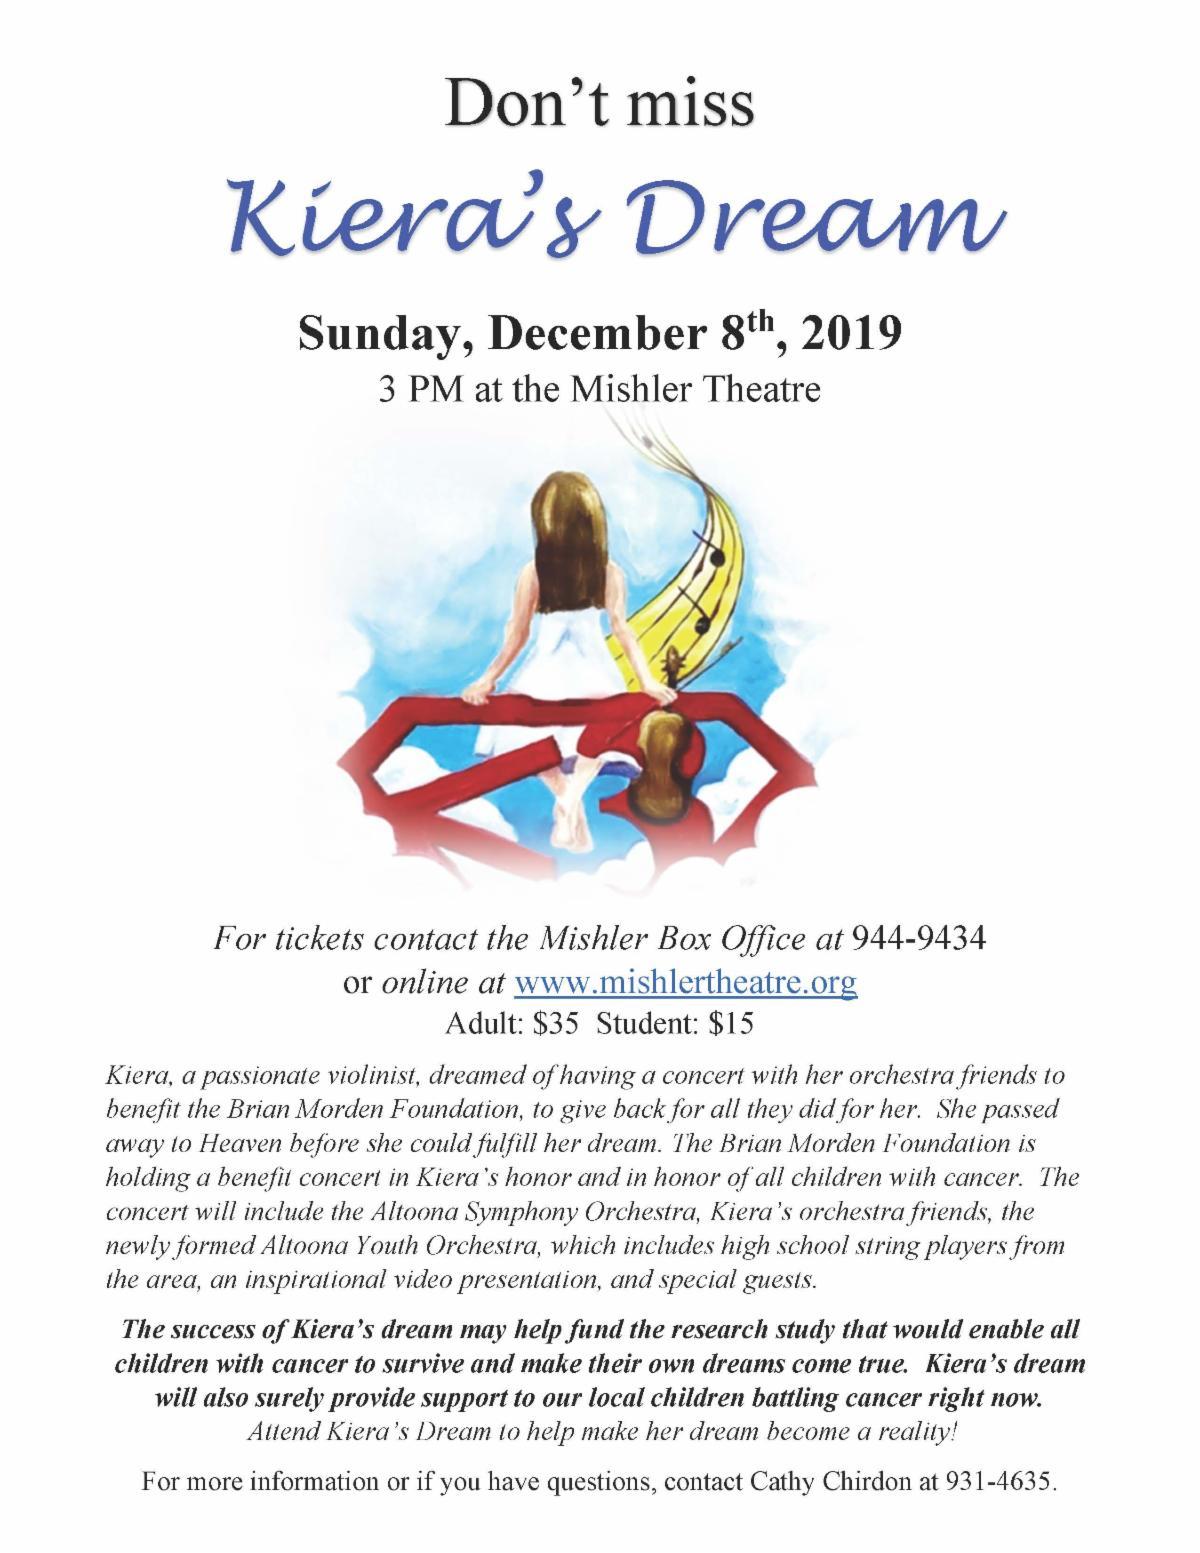 Kiera's Dream Concert